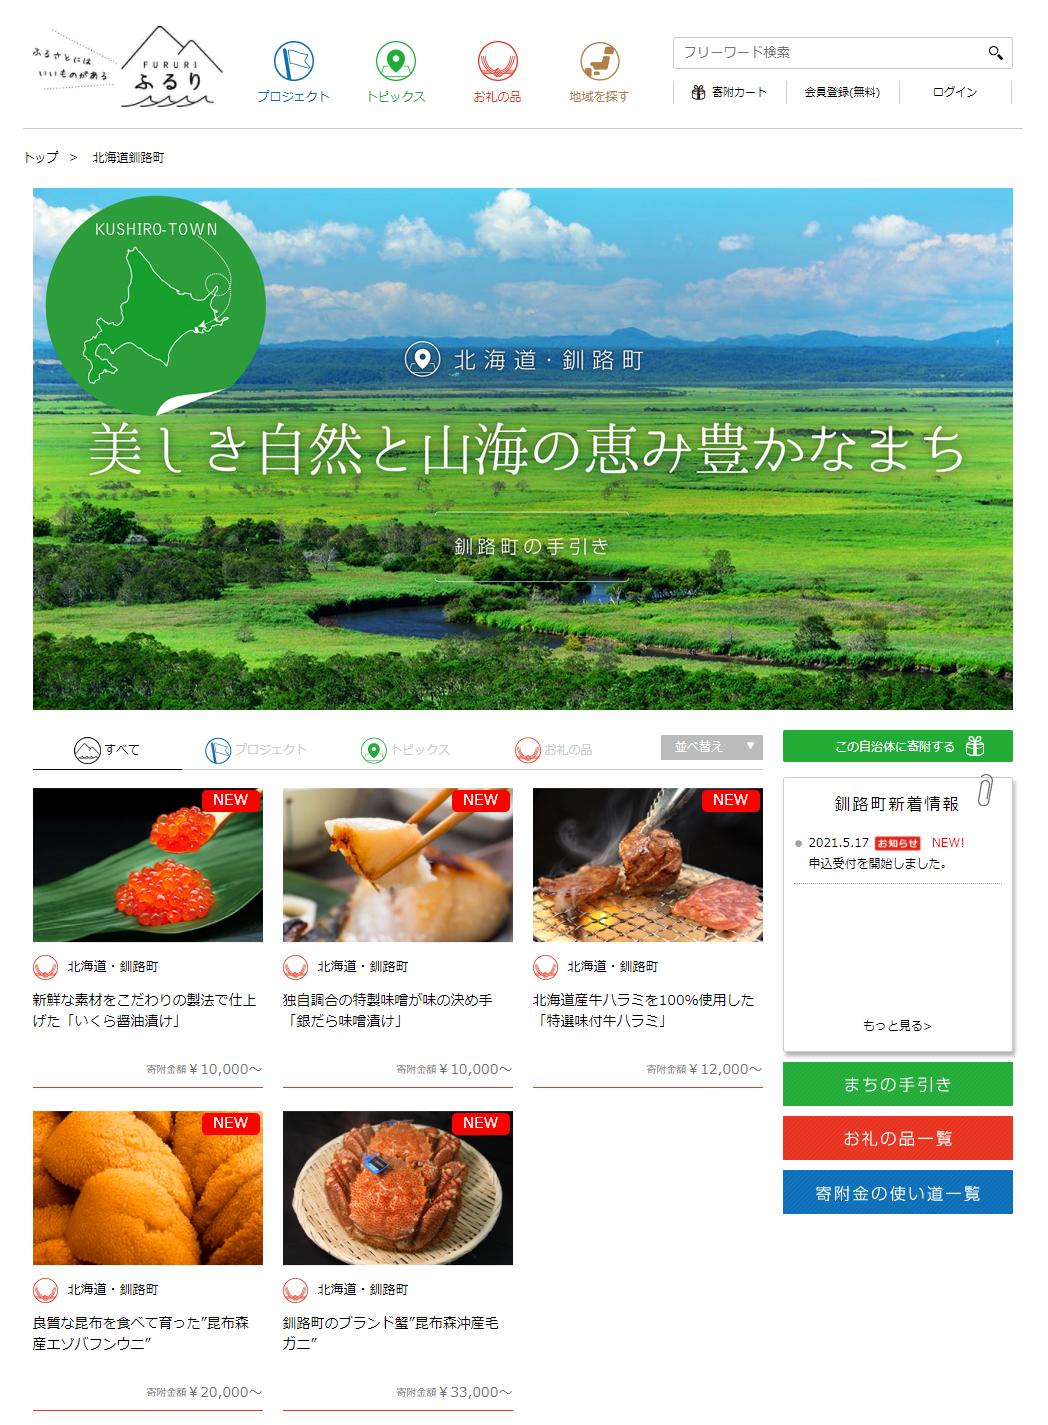 北海道釧路町のふるさと納税ページ|ふるさと納税「ふるり」' - fururi_jp